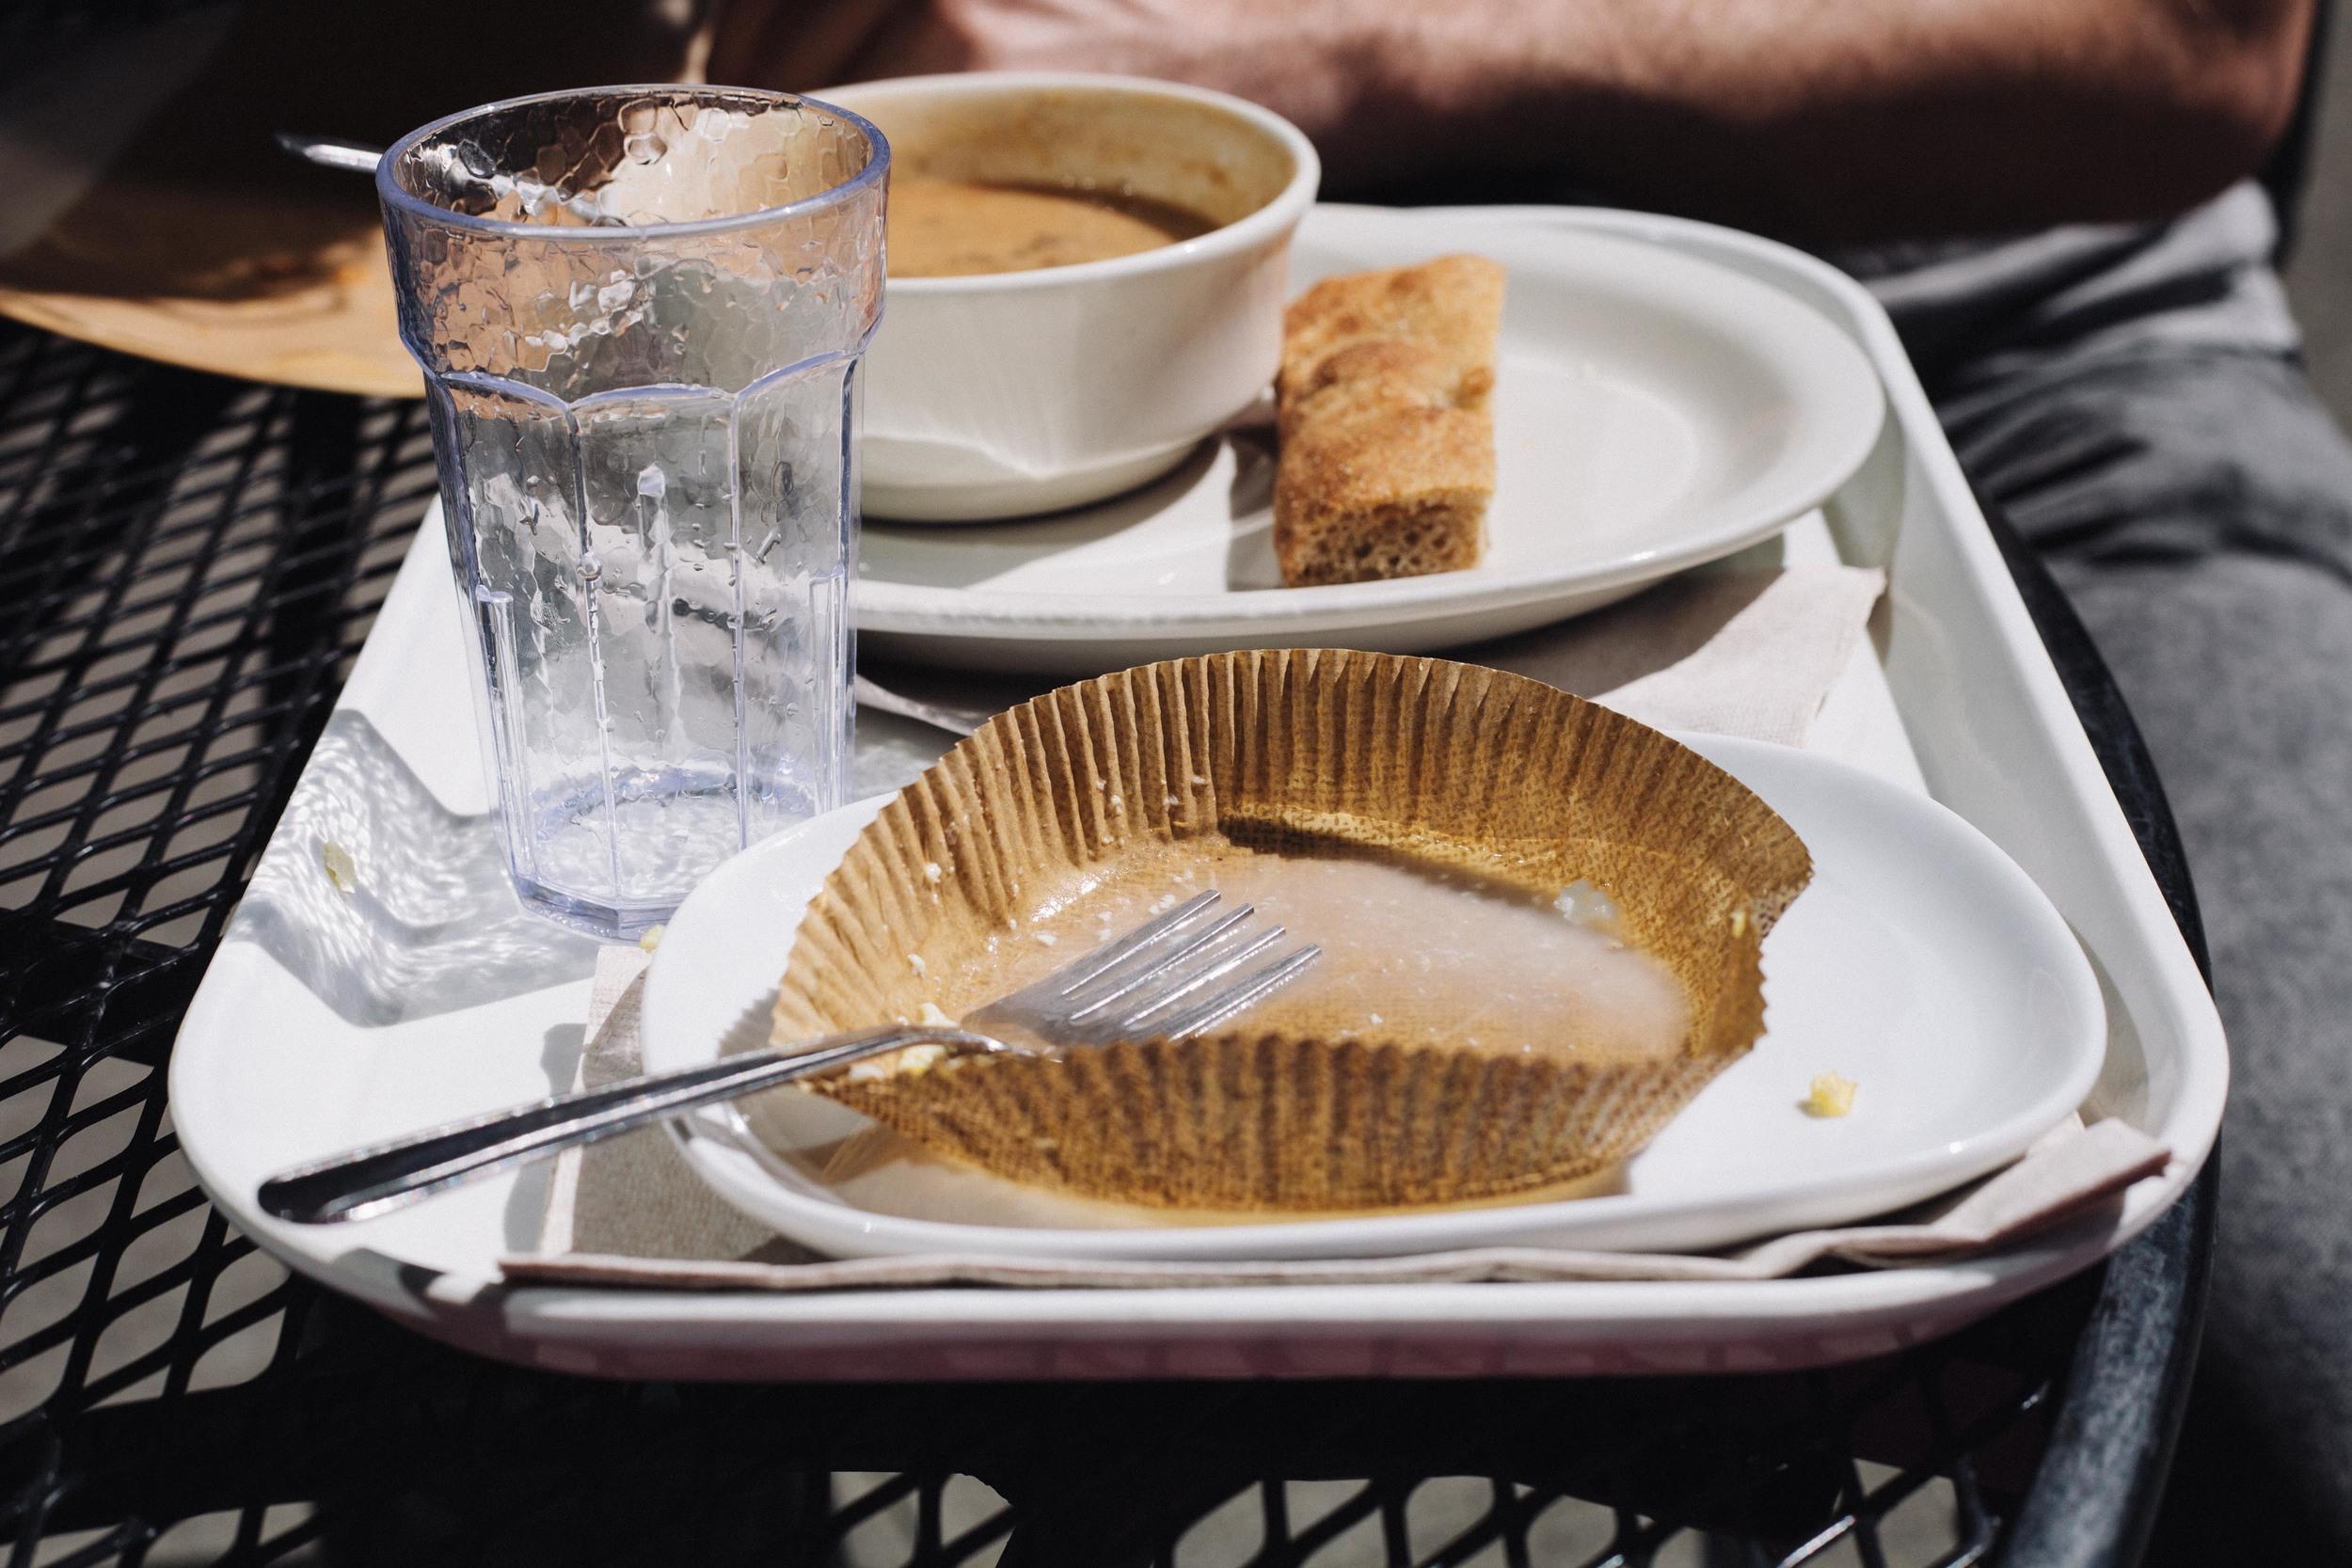 cafefood-5.jpg